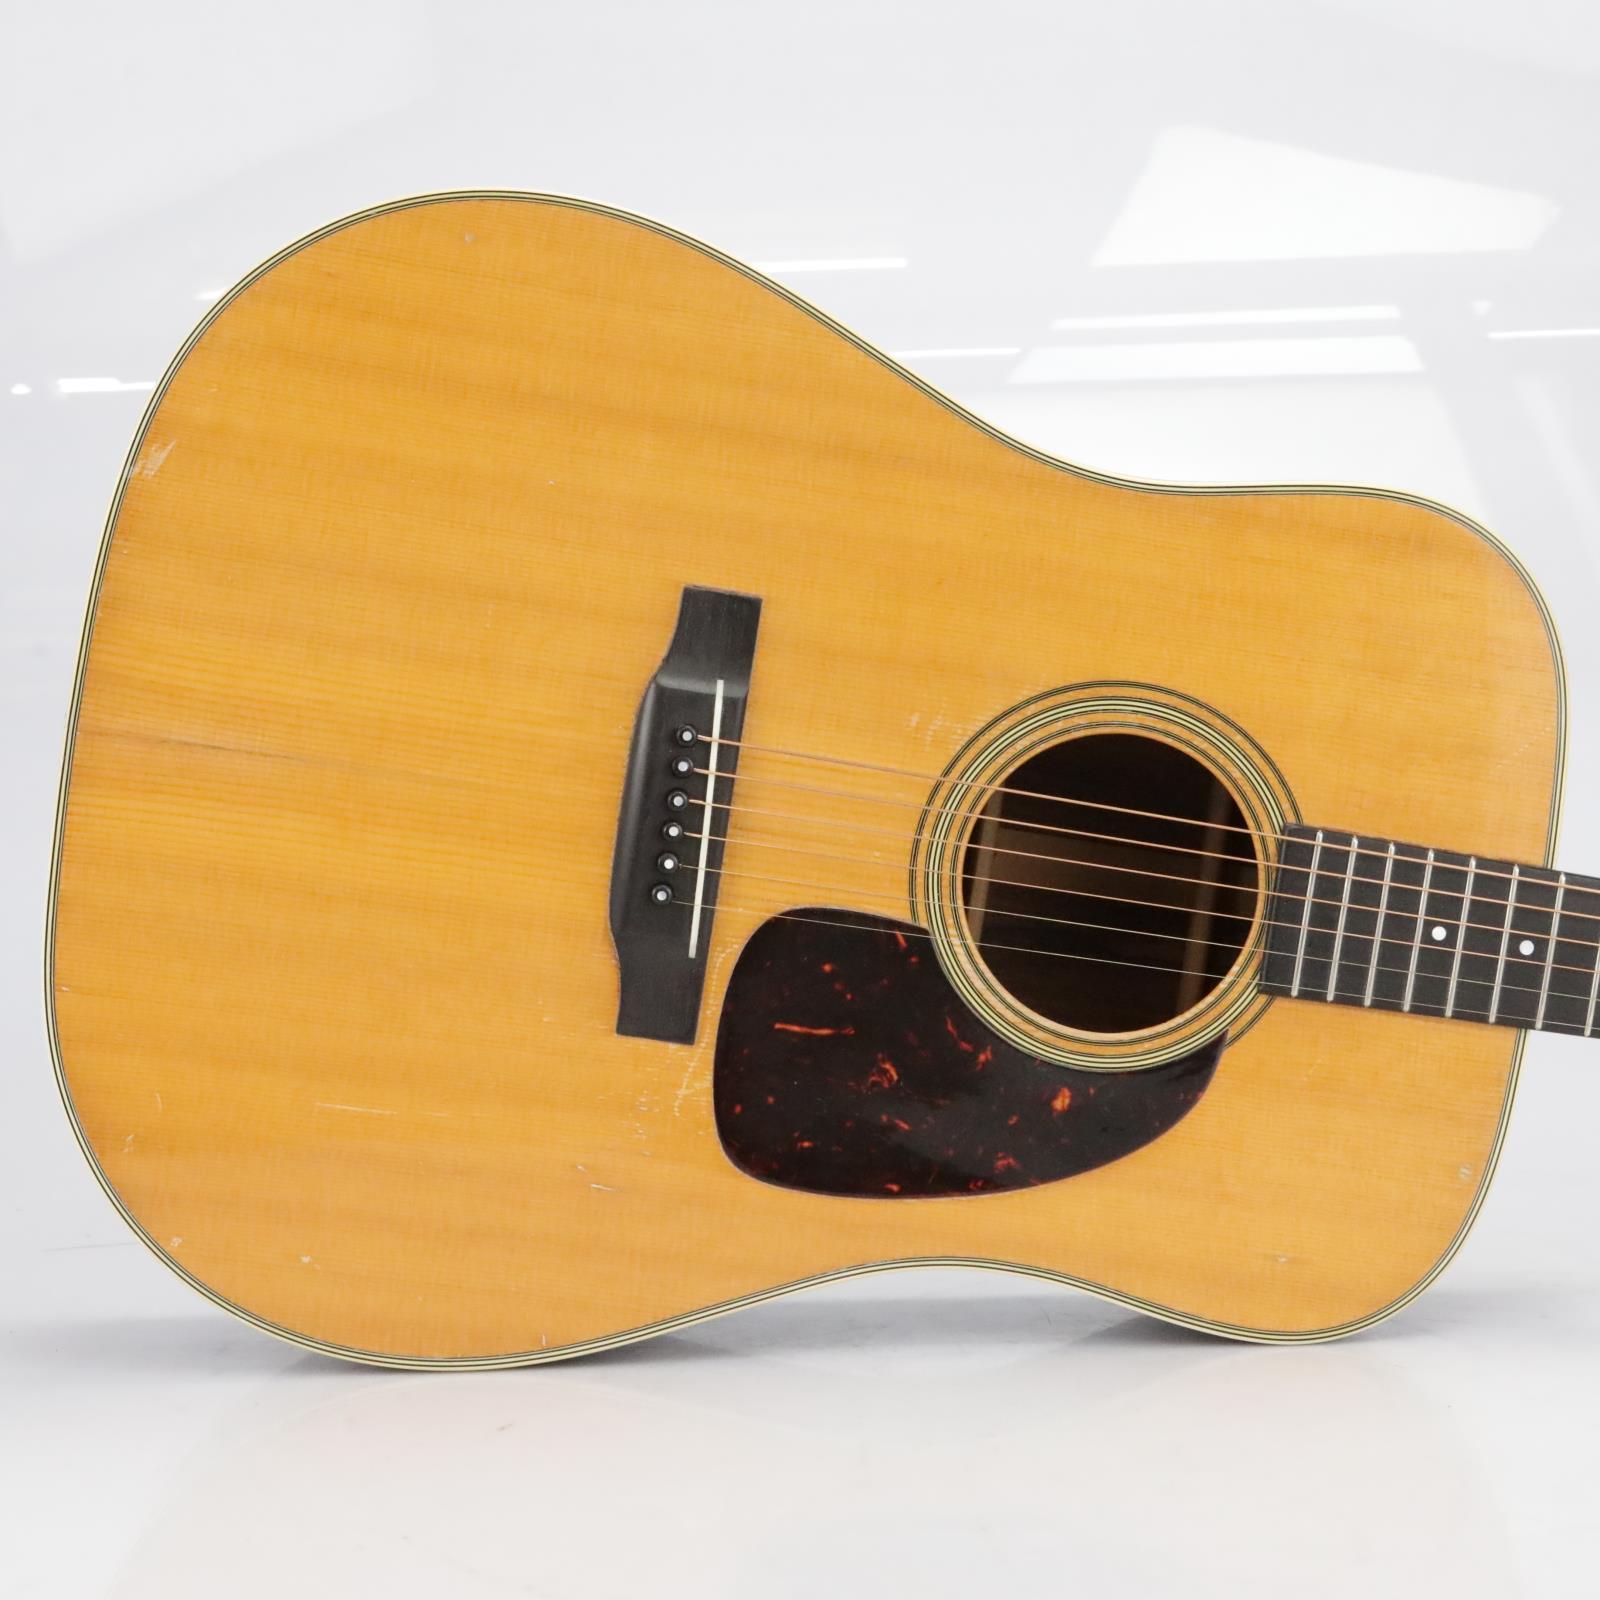 1957 Martin D-28 Acoustic Guitar w/ Case #40496